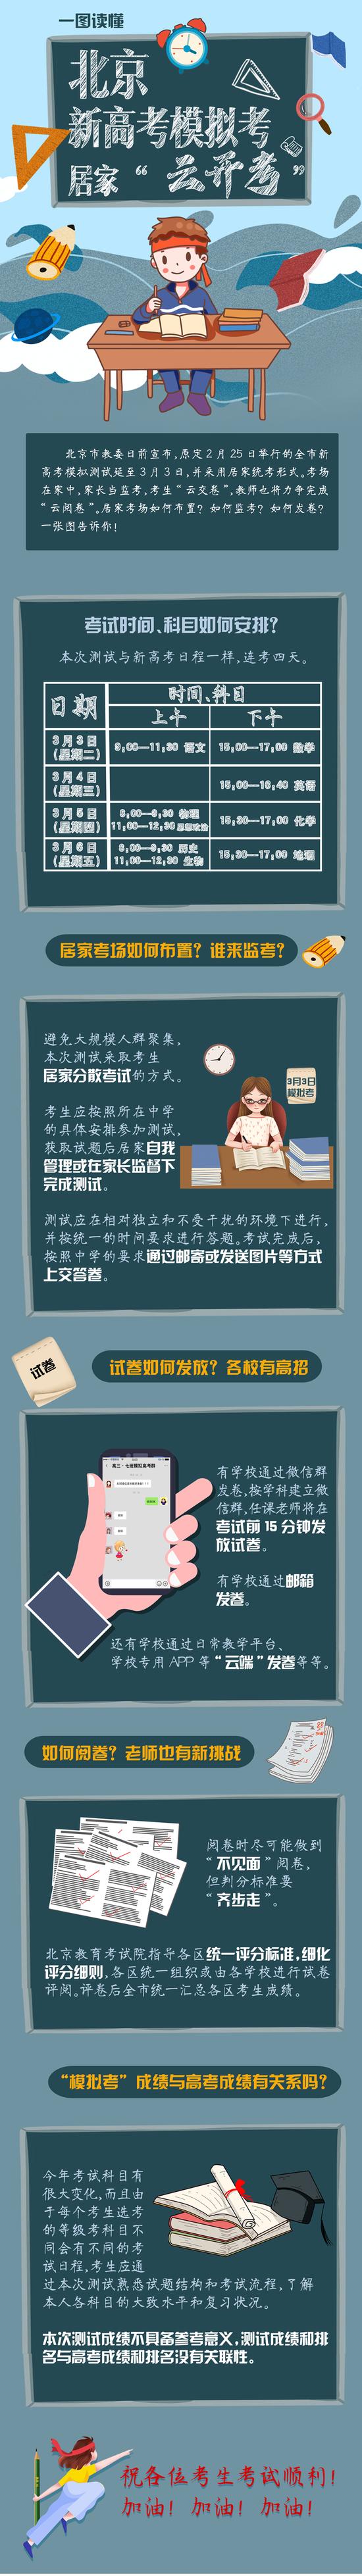 """2020一图读懂北京新高考模拟考居家""""云开考"""""""